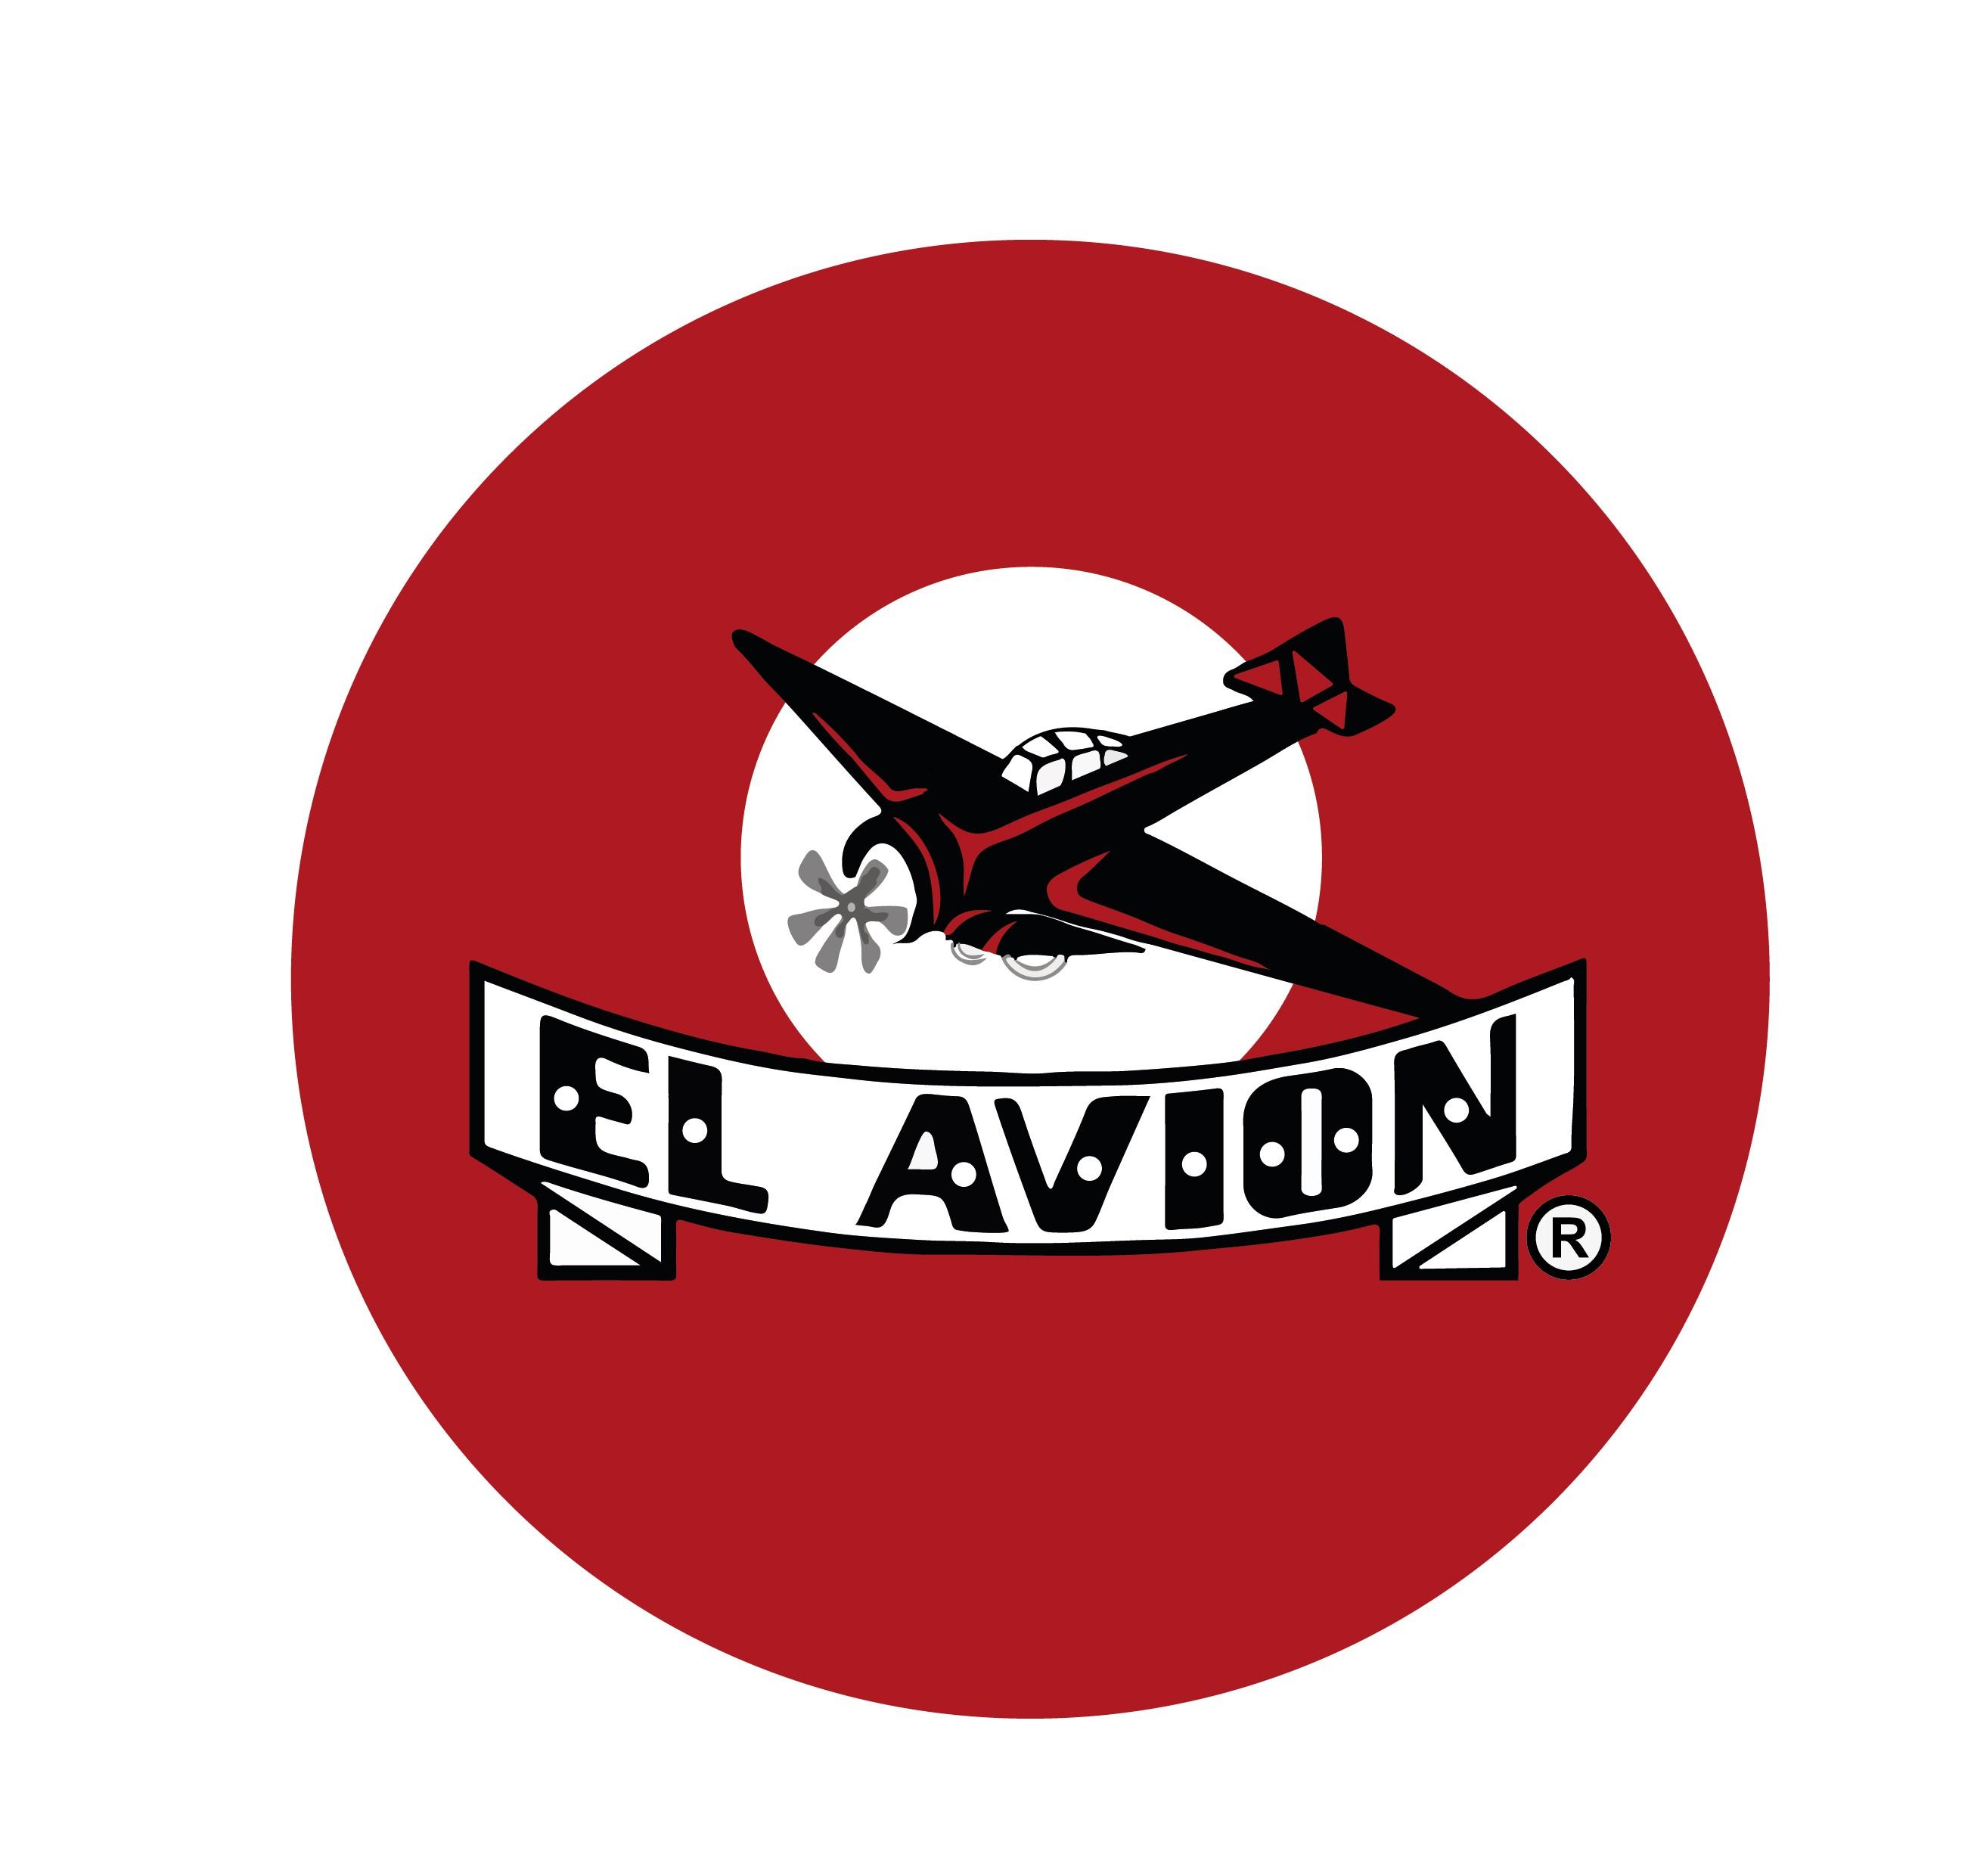 El Avion, Jose Maria Gomez Mira S.A.